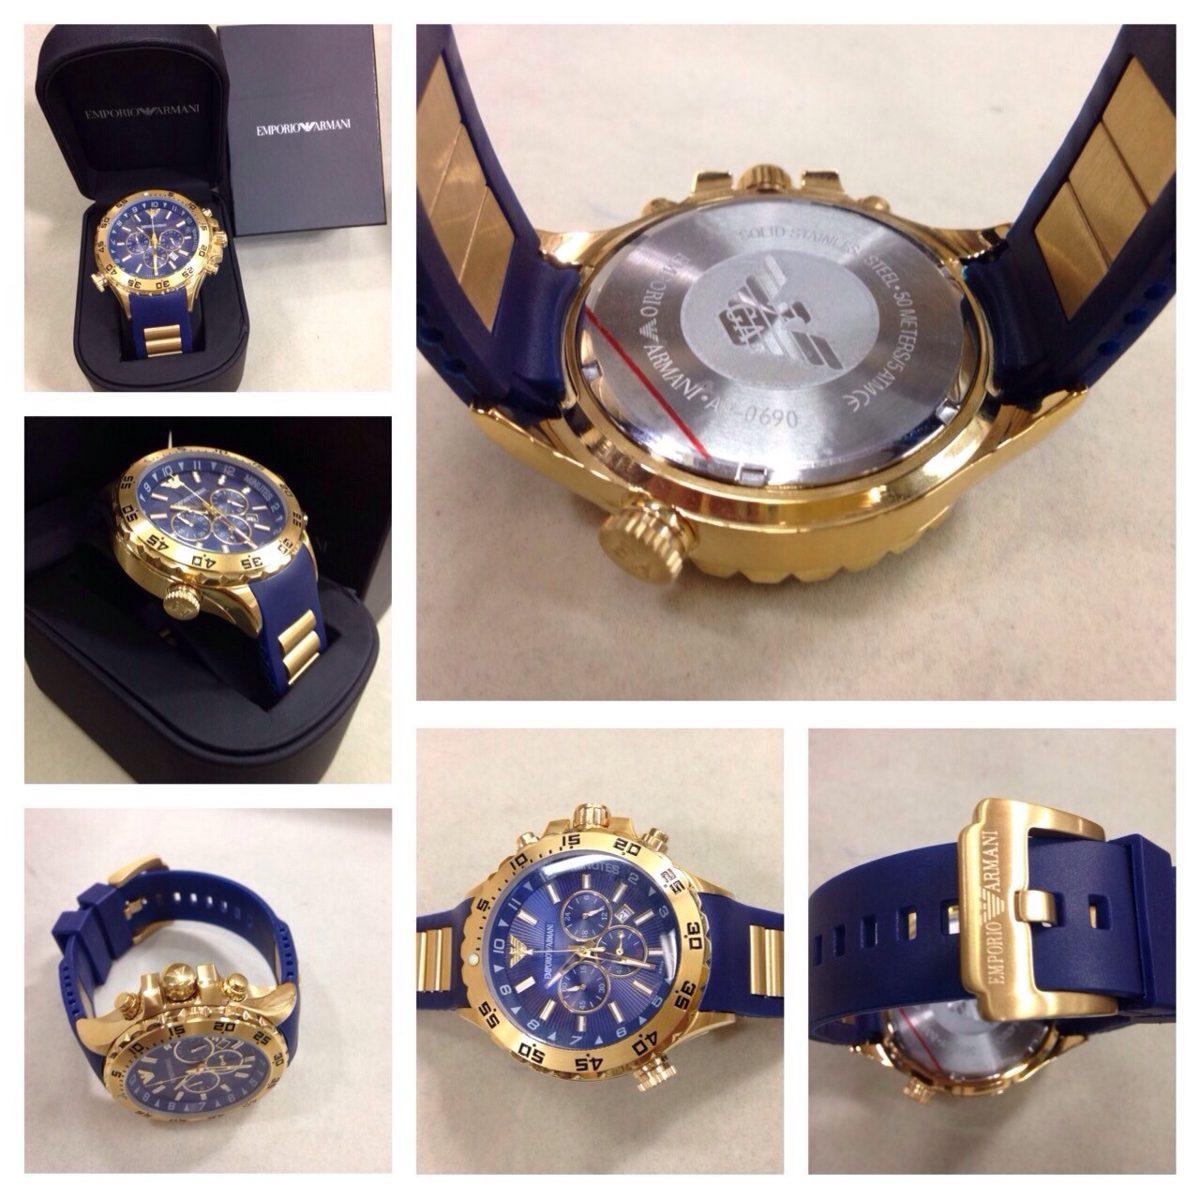 5b125b05701 relógio empório armani ar0690 - sem caixa. Carregando zoom.